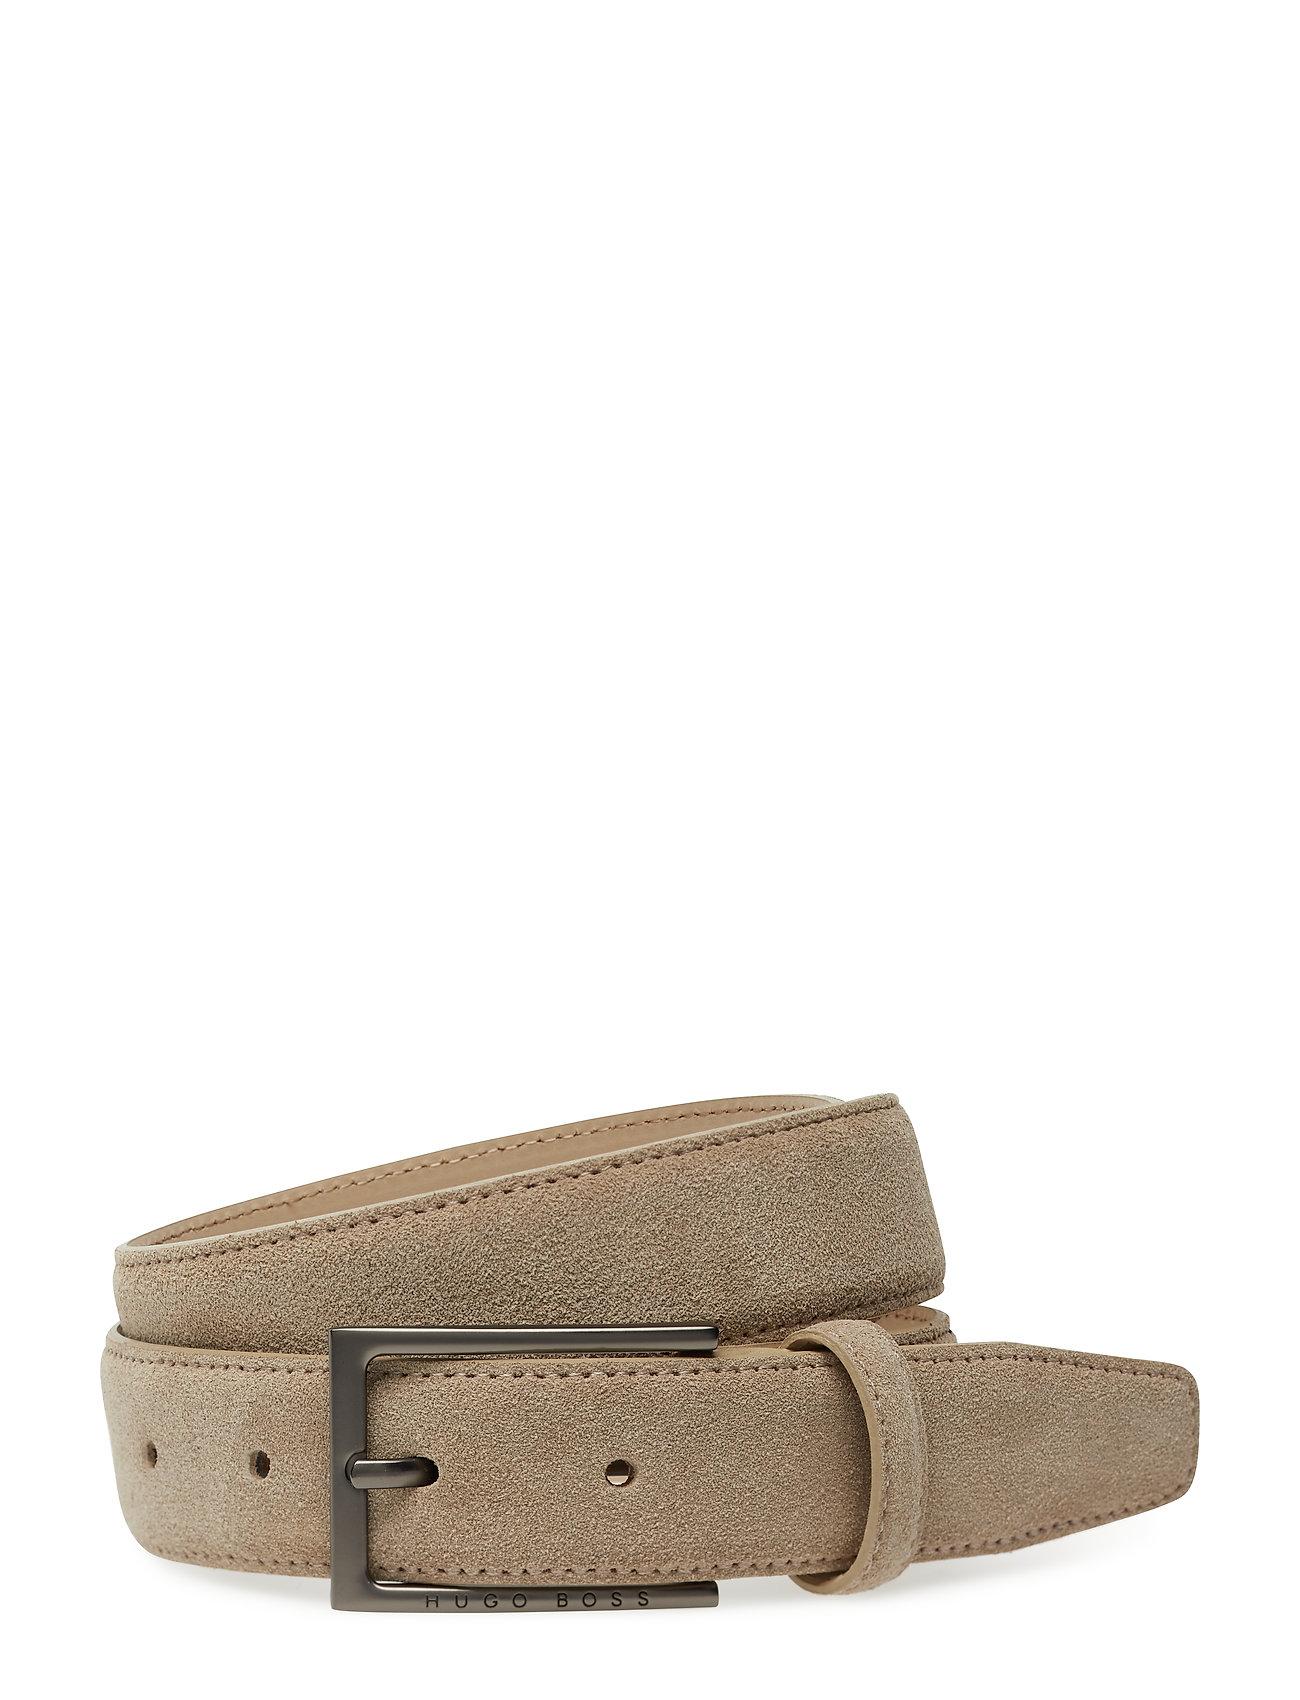 Cedys-Sd_sz30 Accessories Belts Classic Belts Beige BOSS BUSINESS WEAR